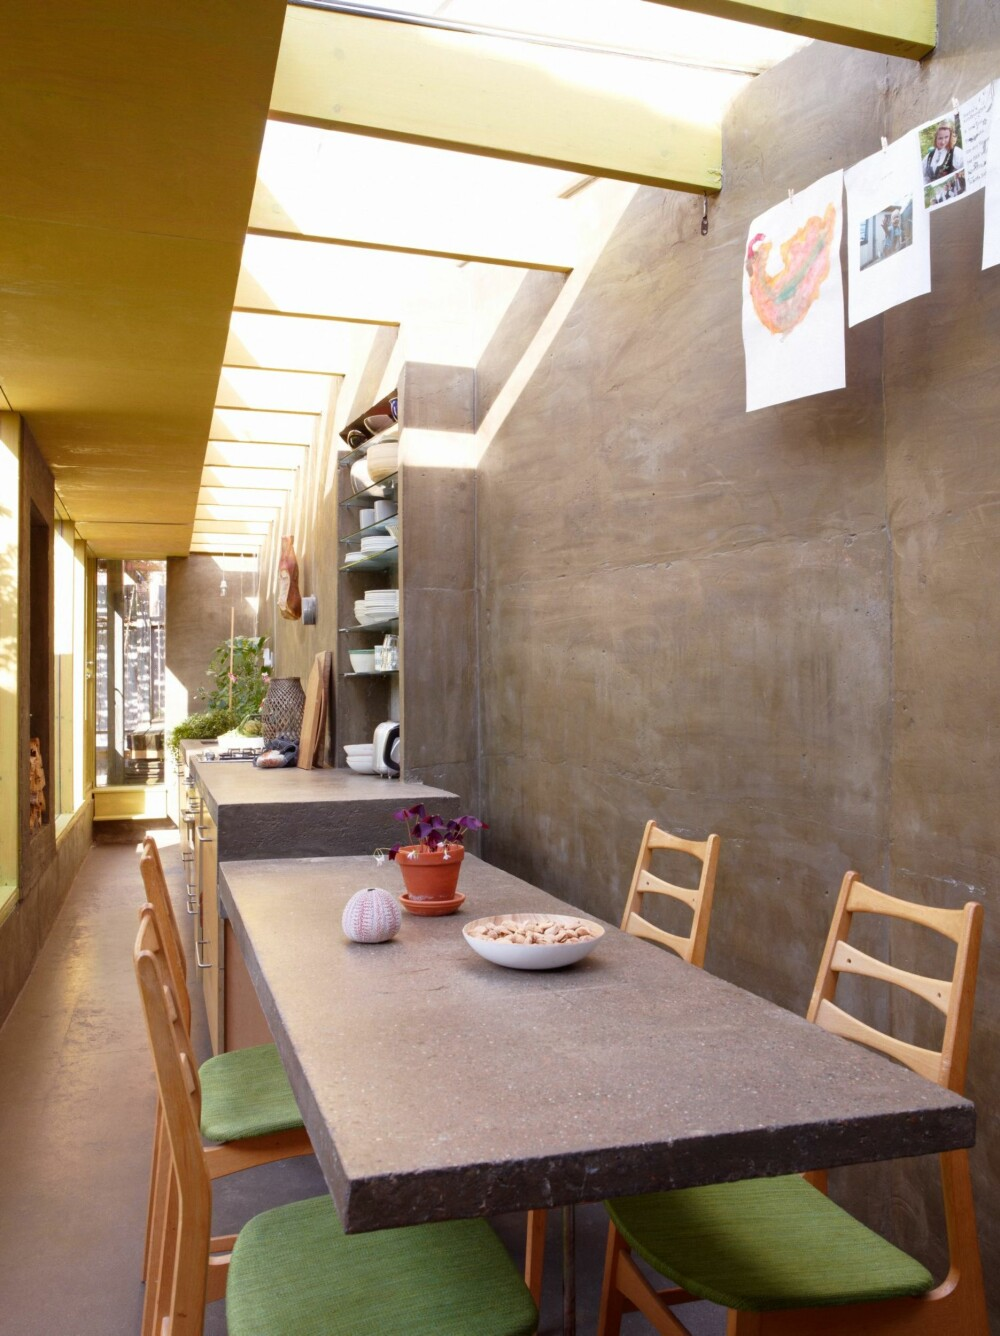 GJENNOMTENKT BETONGSTRUKTUR: Den lange benken er både spisebord, kjøkkenbenk og plantegrop i ett grep. All innredning er spesialtilpasset. og integrert i konstruksjonen.